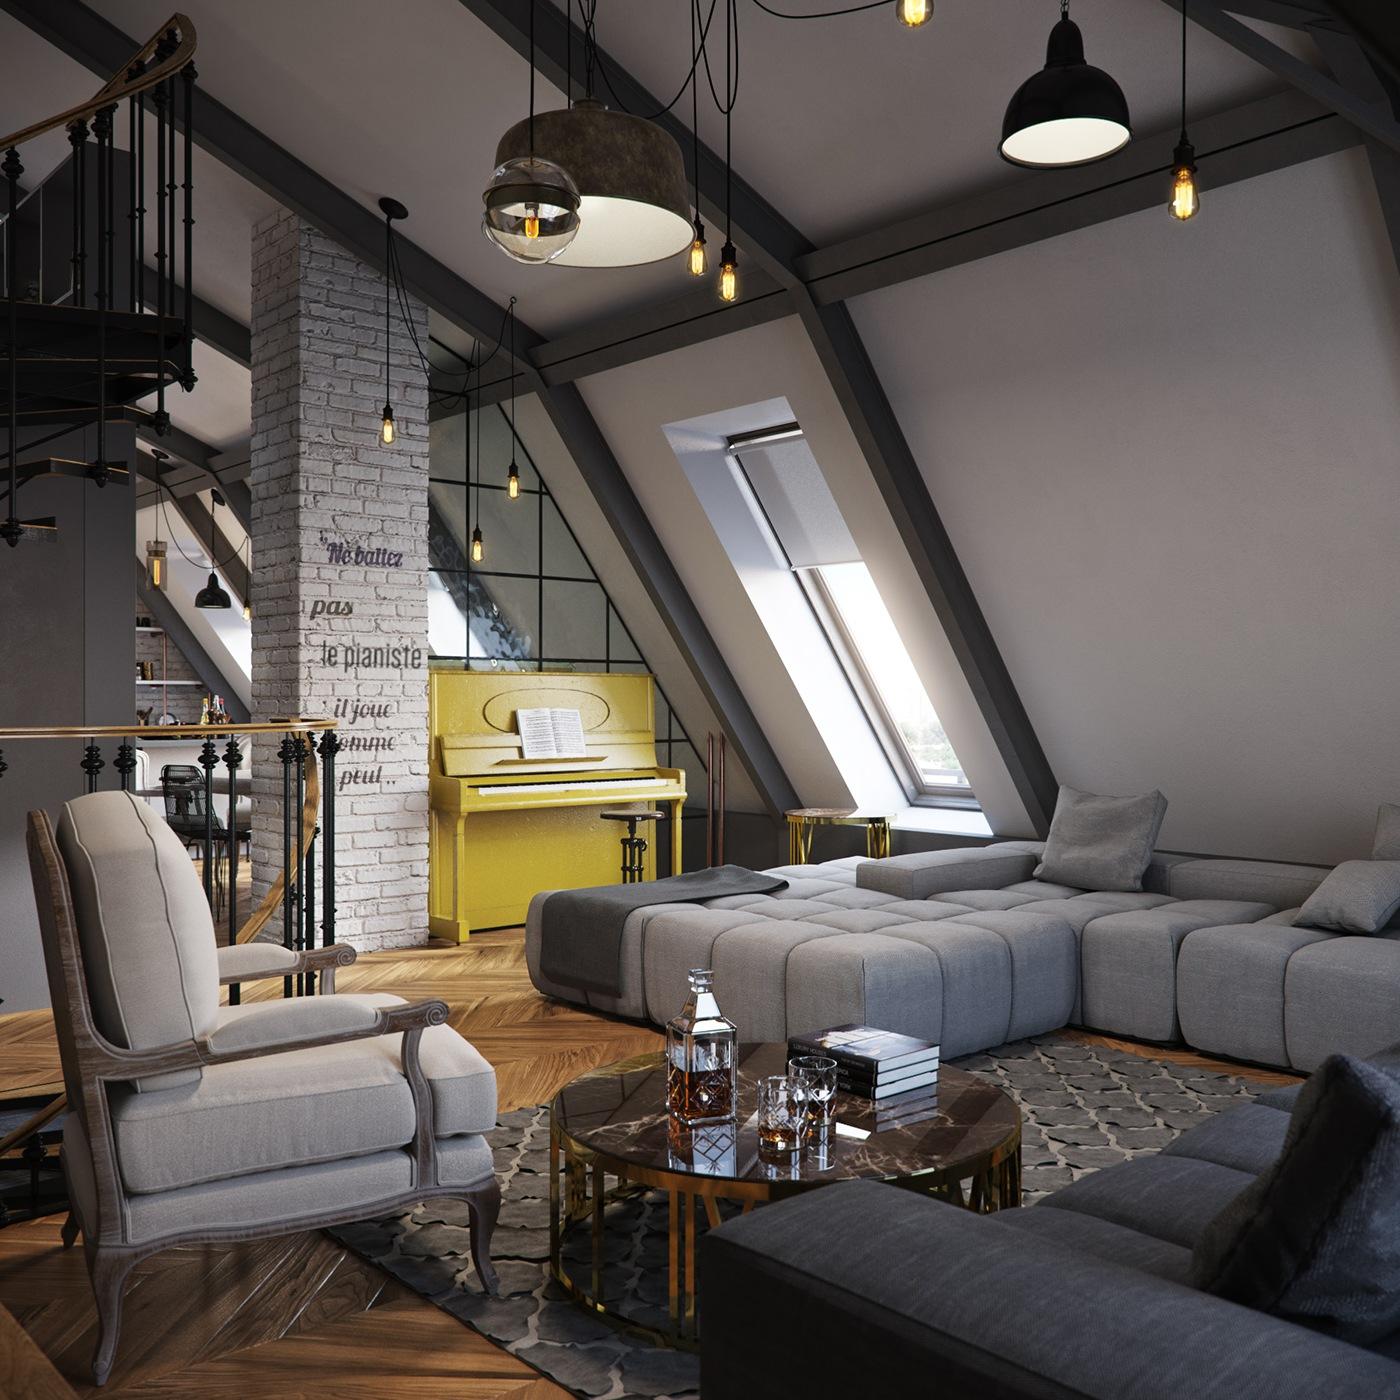 Loft Interior Design Ideas Part 2